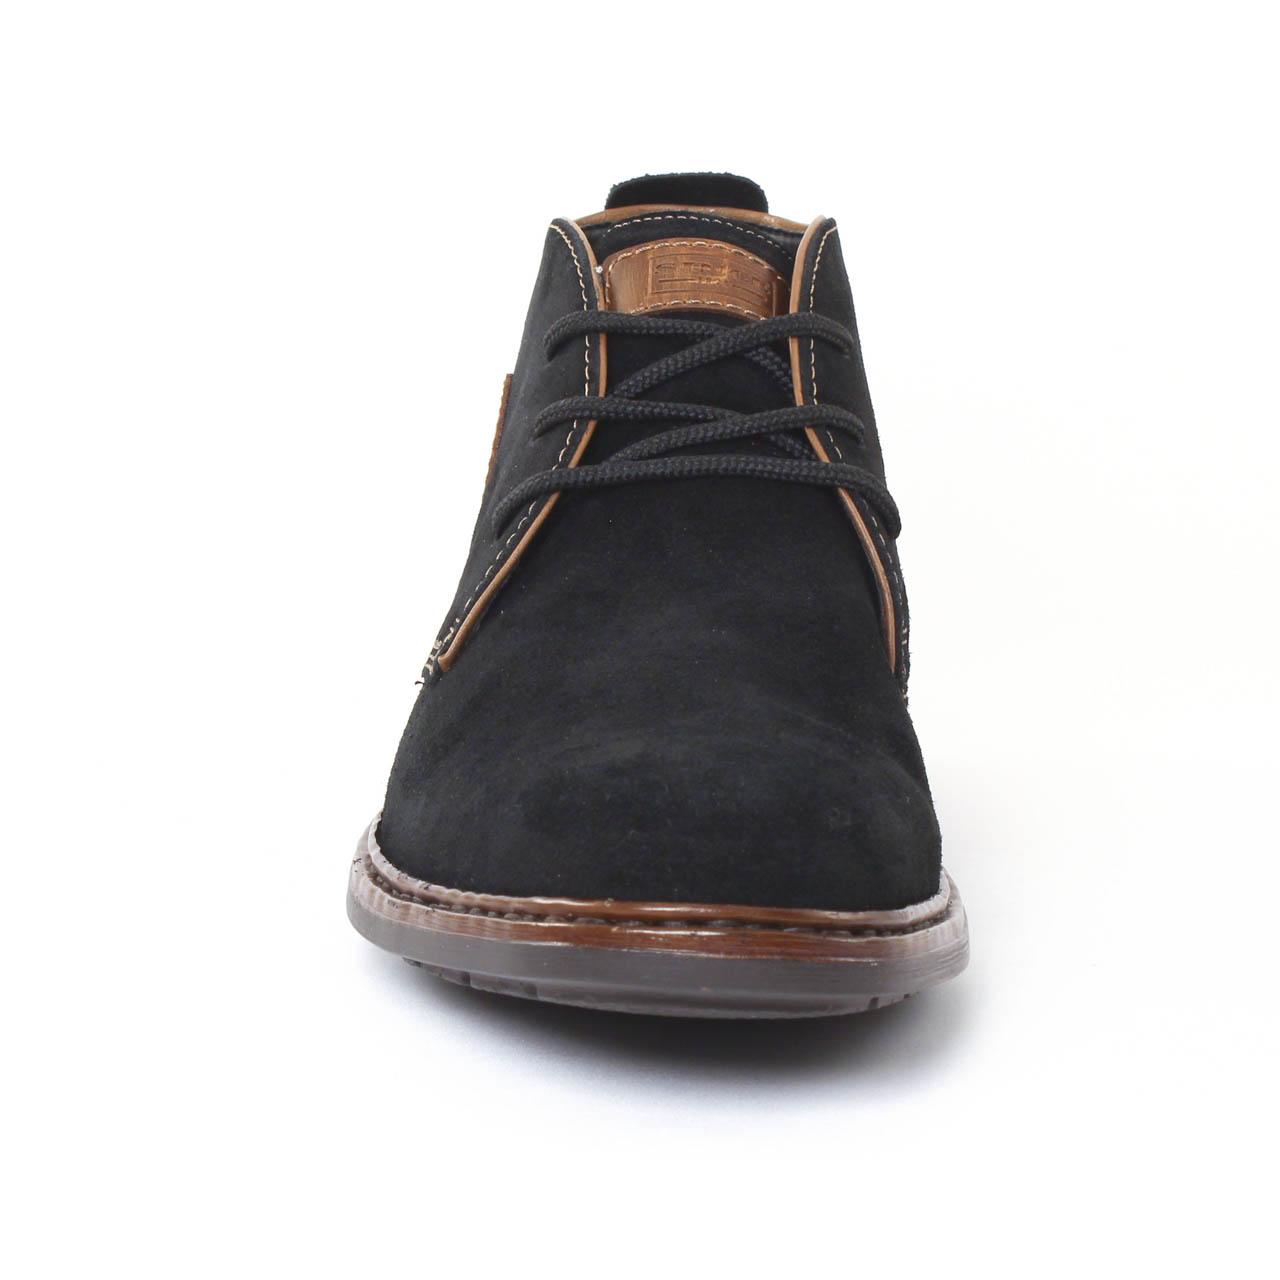 04d2dd5dc9a4 Rieker F1211 Schwarz | chaussure montantes noir automne hiver chez ...